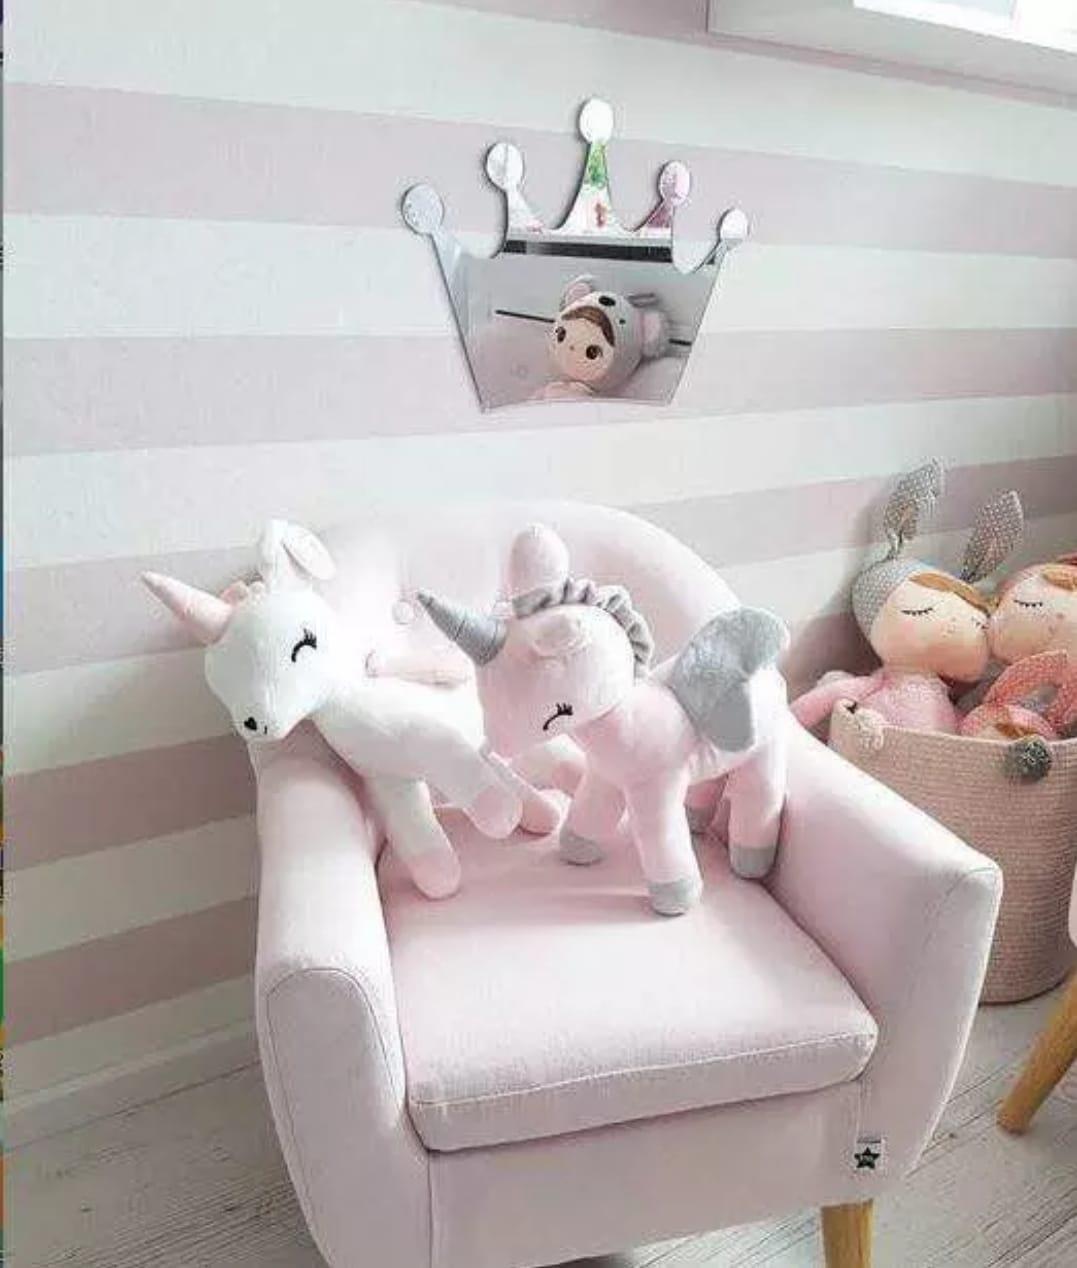 בובה רכה לתינוק חד קרן במבי לבן אקססוריז עיצוב חדר ילדים - תמונה 2